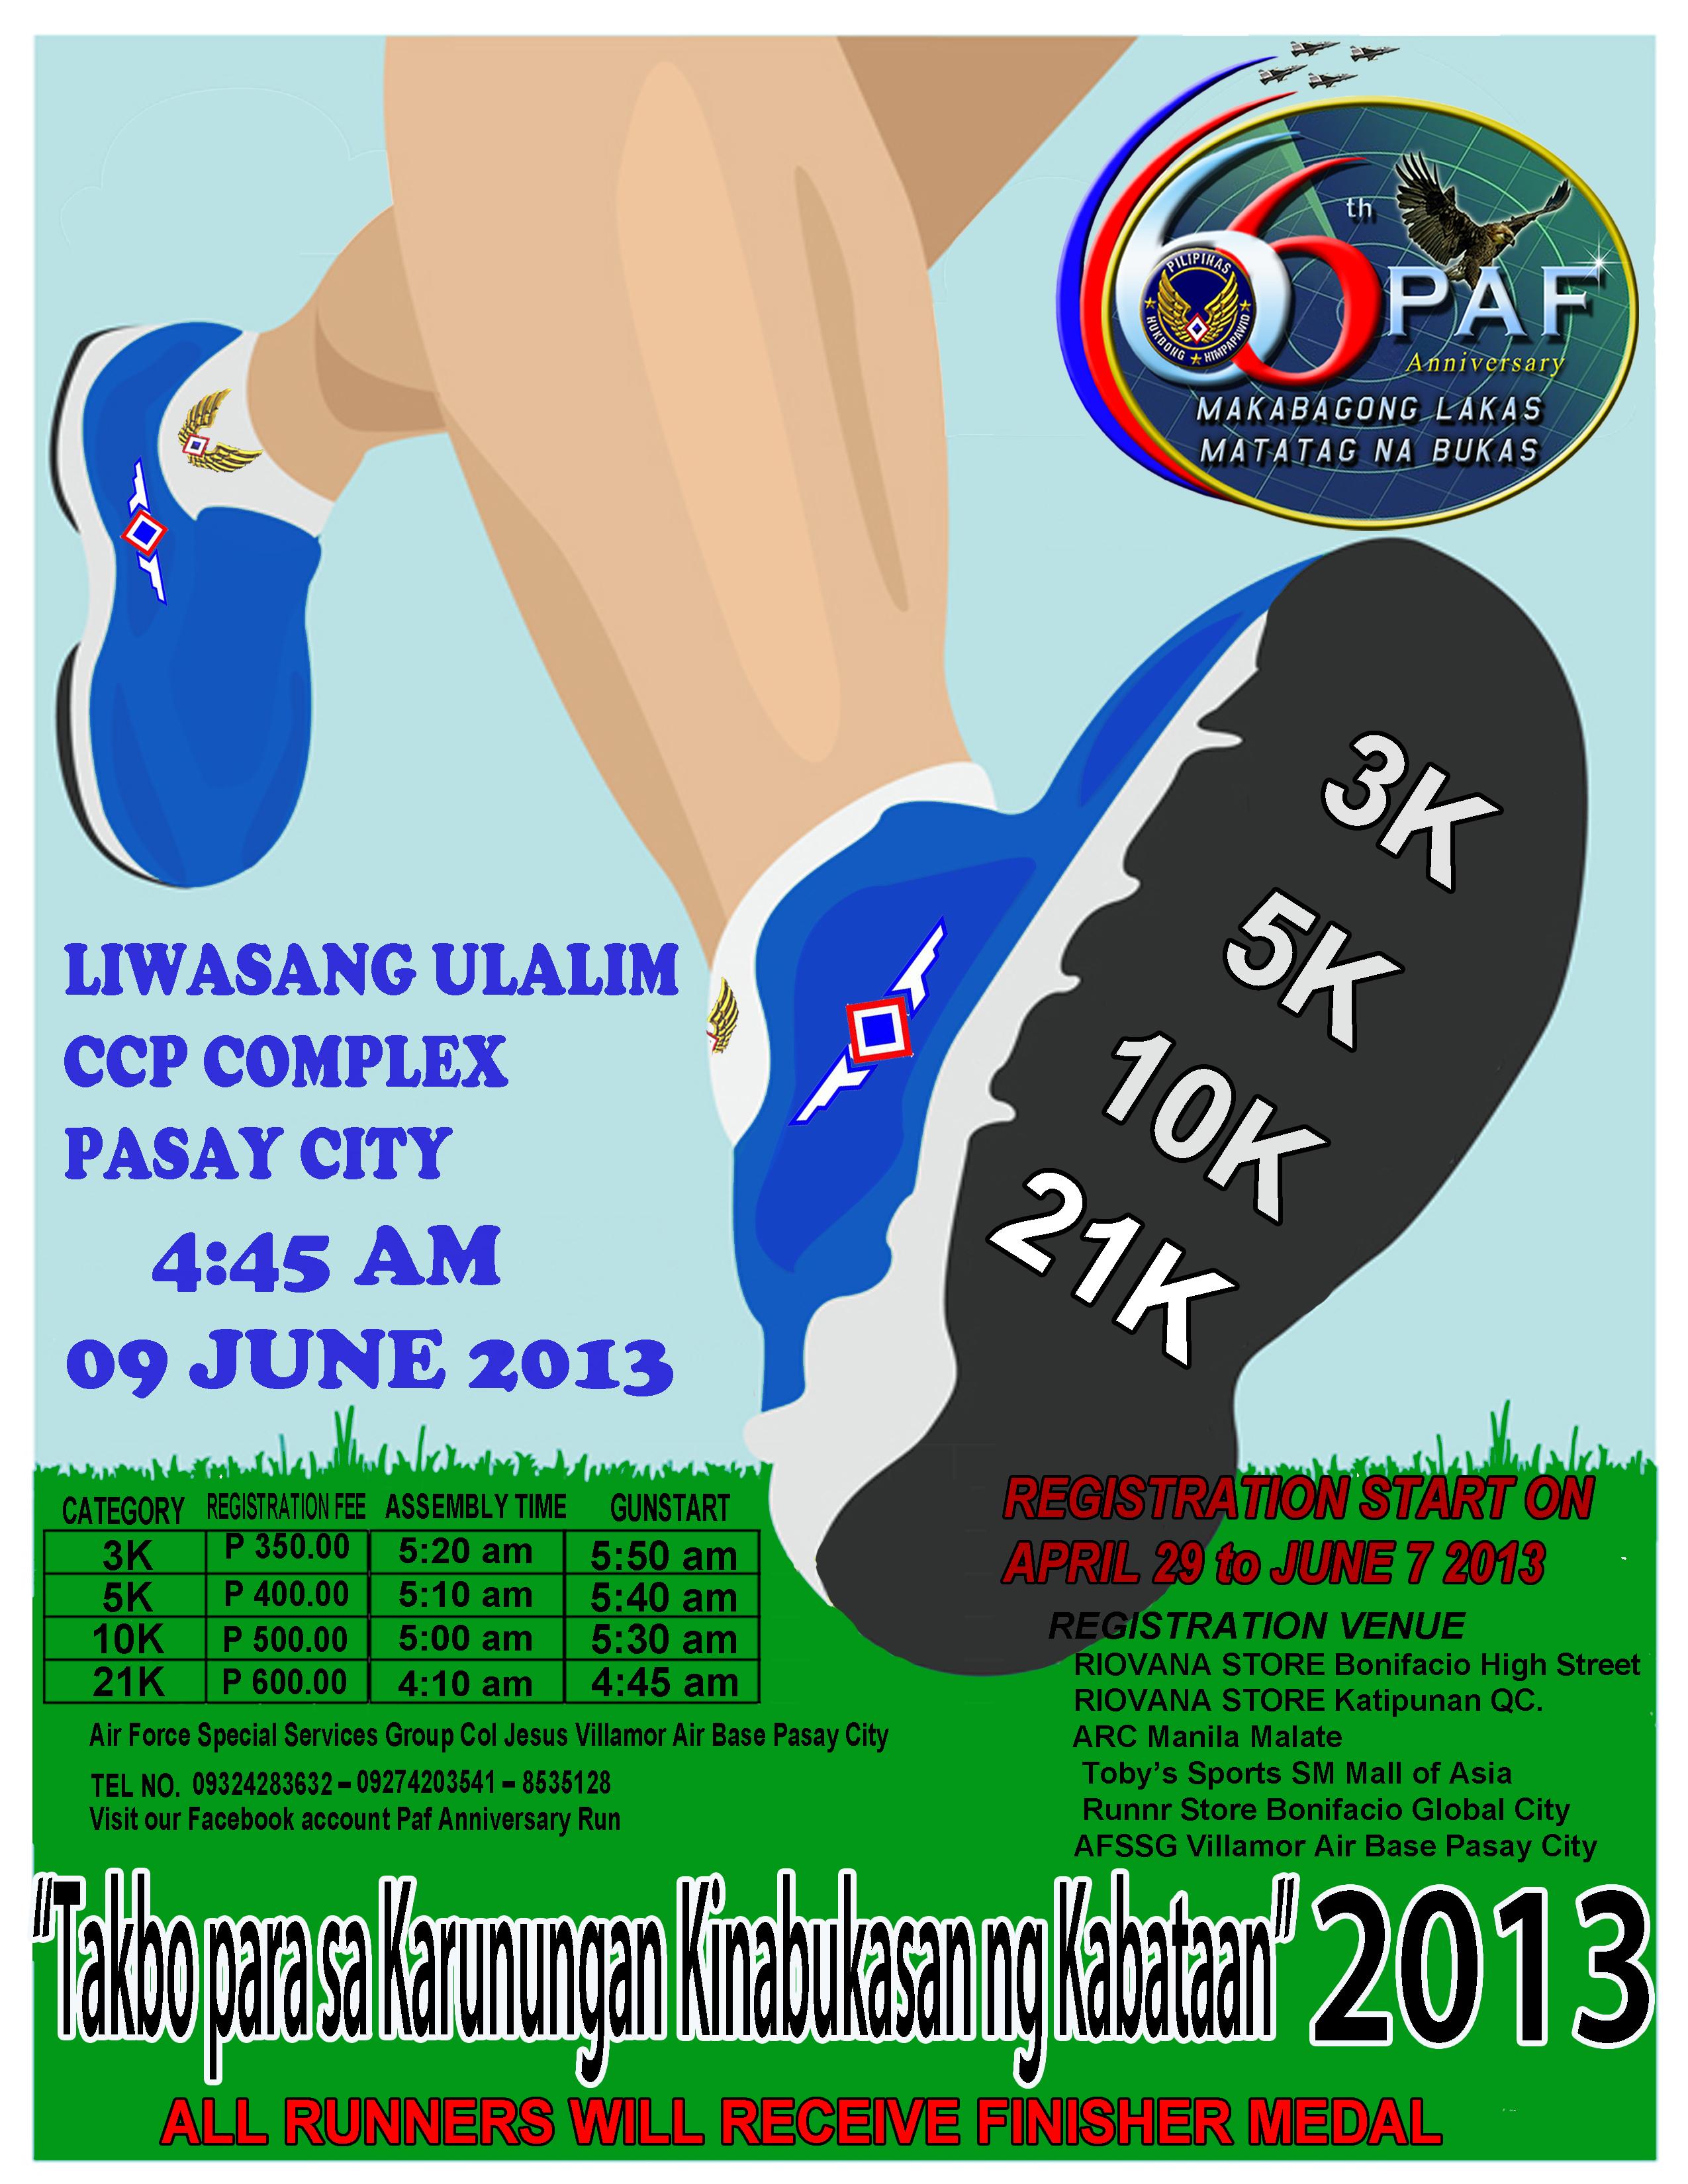 takbo-para-sa-karunungan-kinabukasan-ng-kabataan-2013-updated-poster